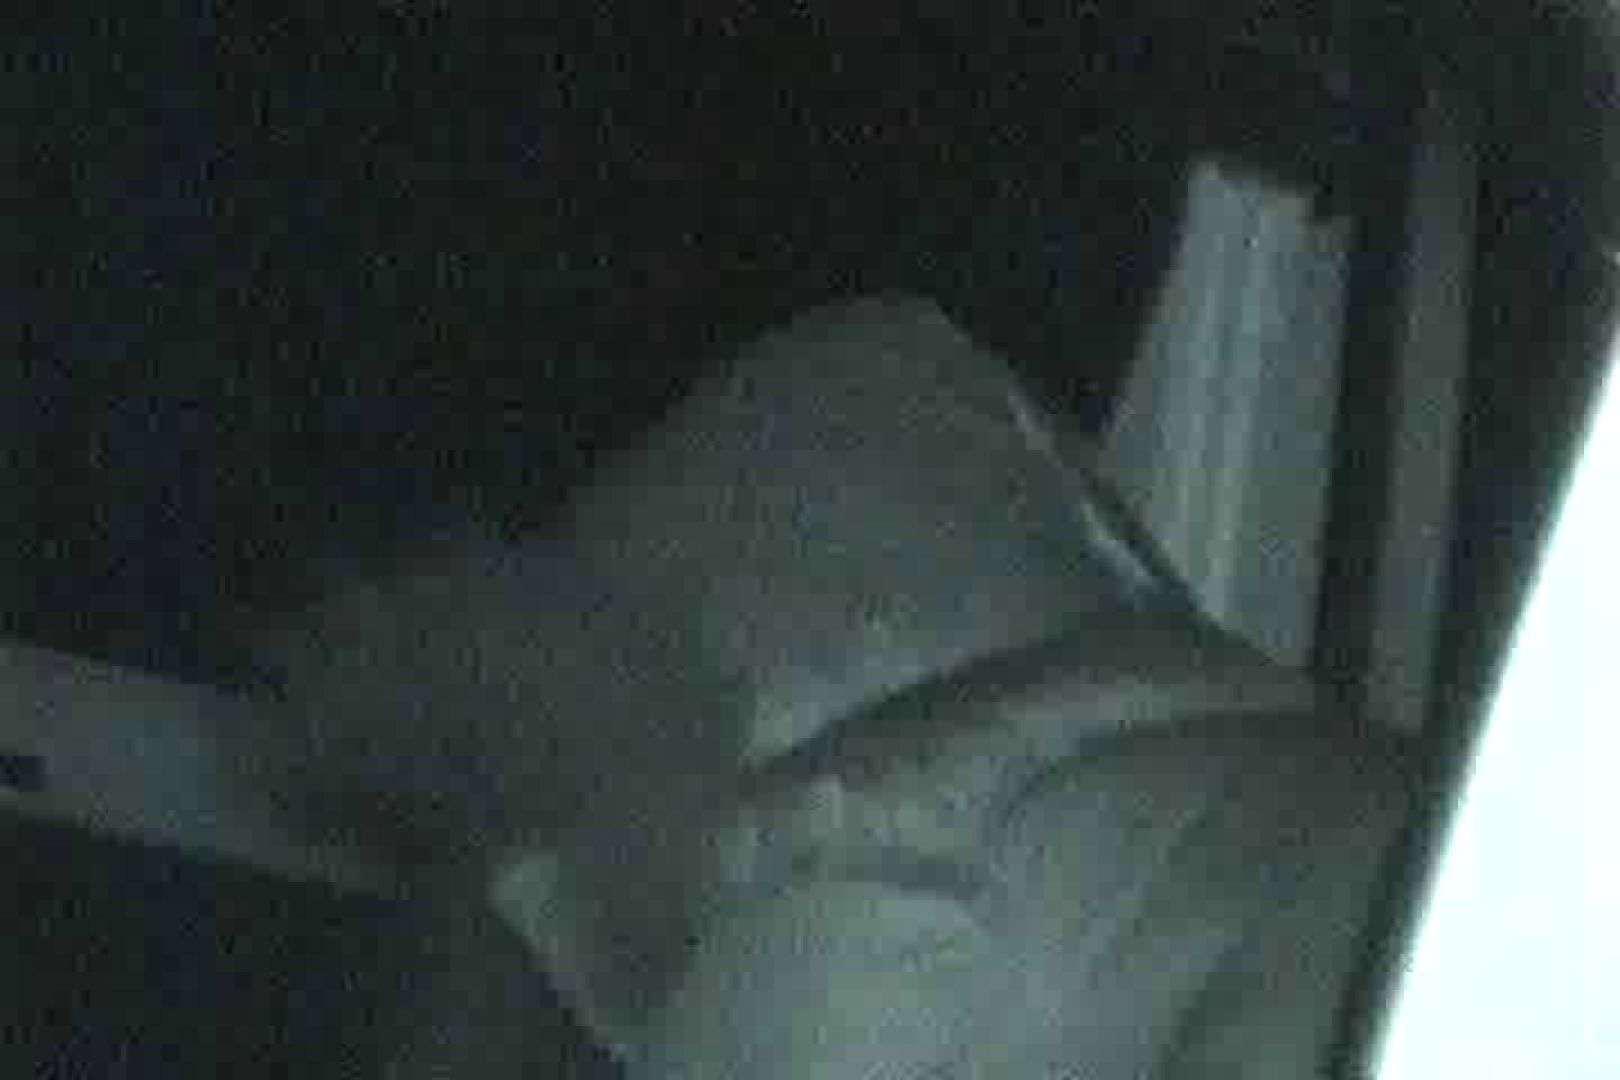 充血監督の深夜の運動会Vol.102 爆乳 盗撮AV動画キャプチャ 95PICs 23